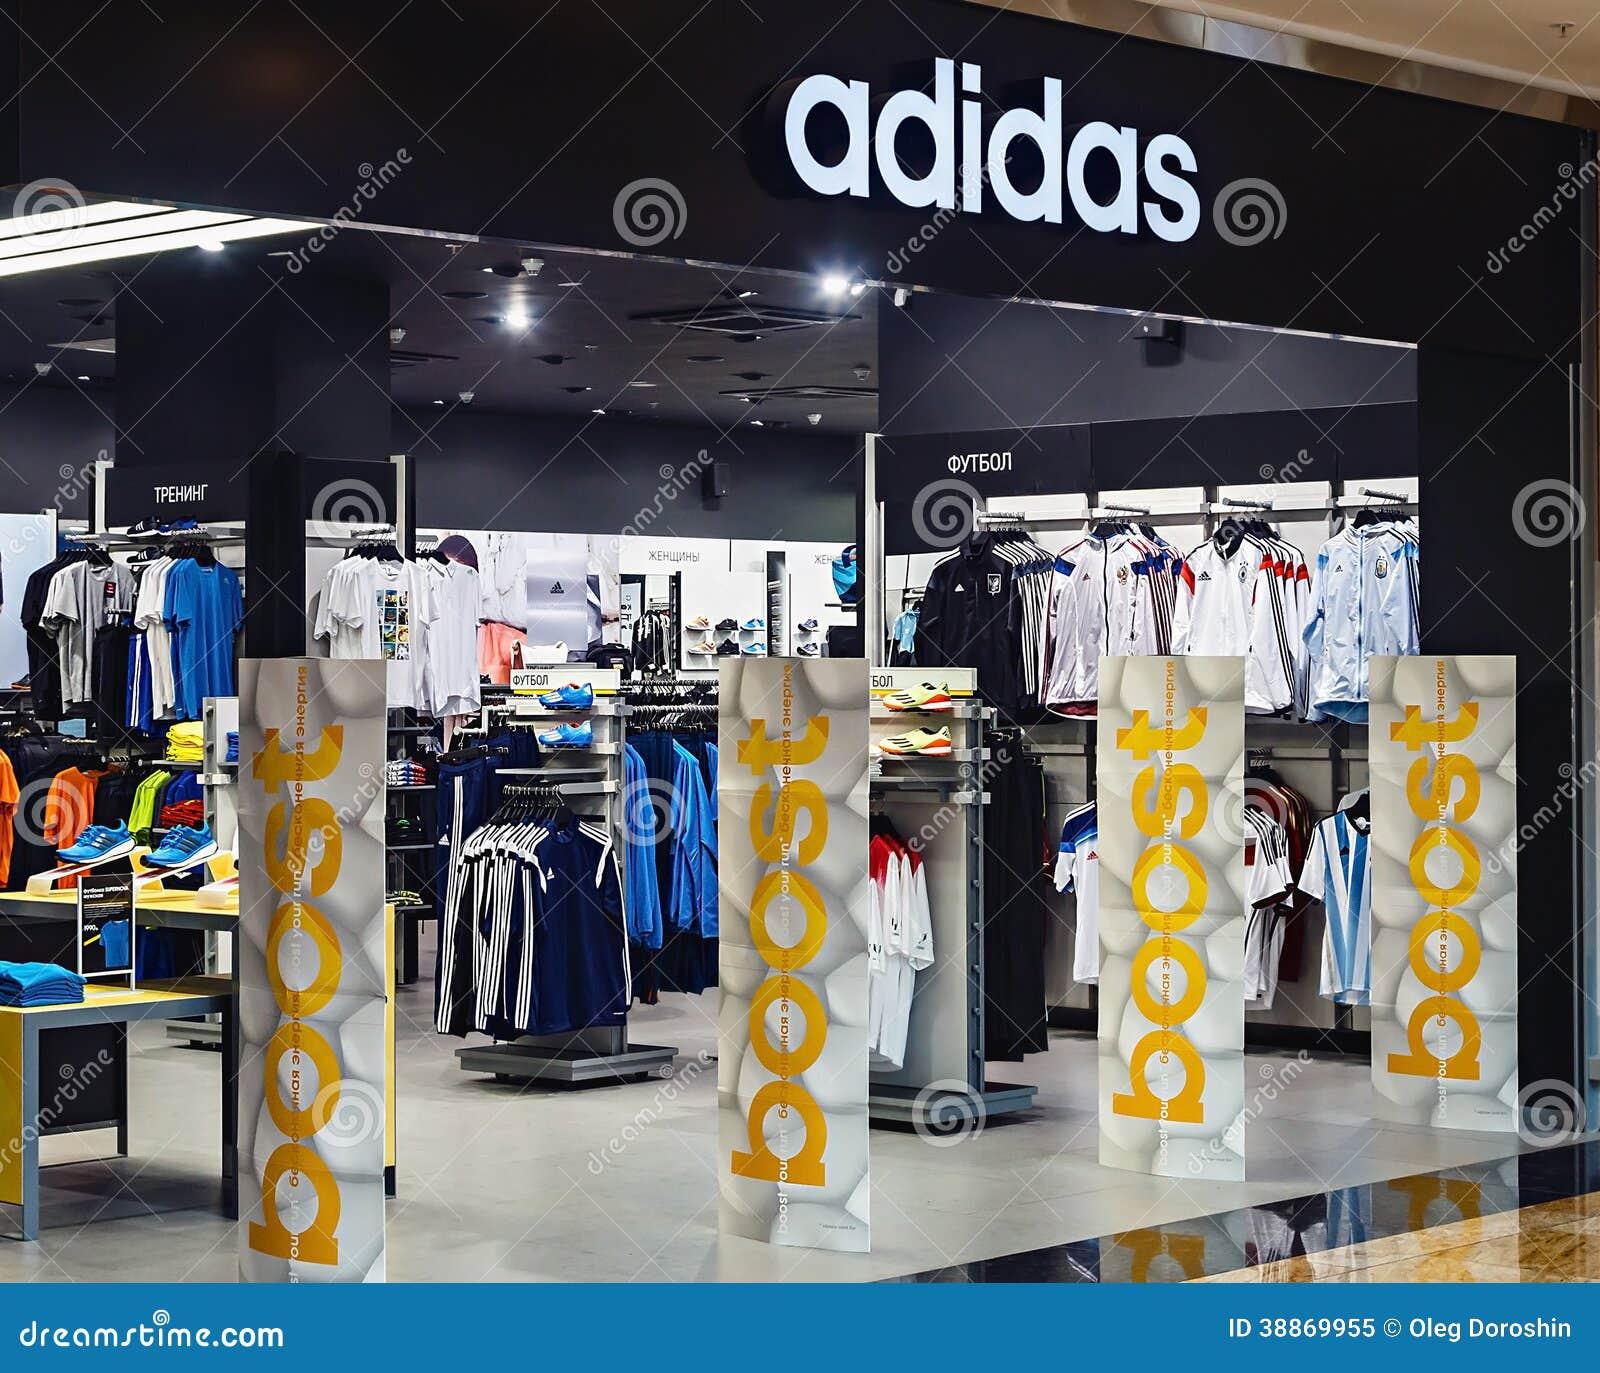 tienda de ropa adidas